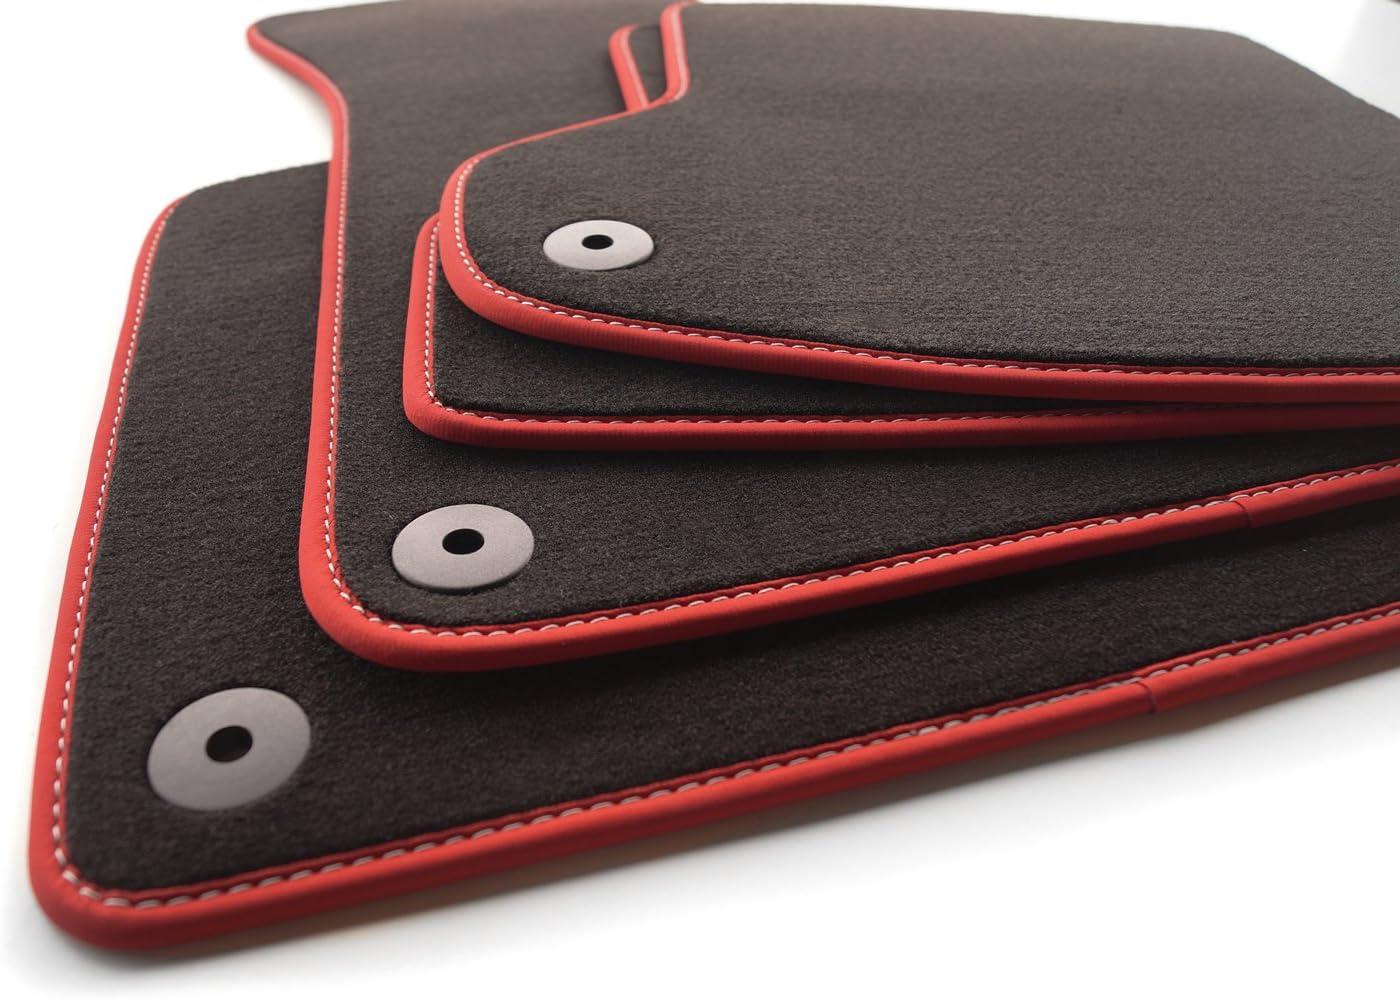 Fußmatten Velours Roter Rand Mit Weißer Sports Tuning Naht Automatten Set Inkl Befestigungssystem Auto